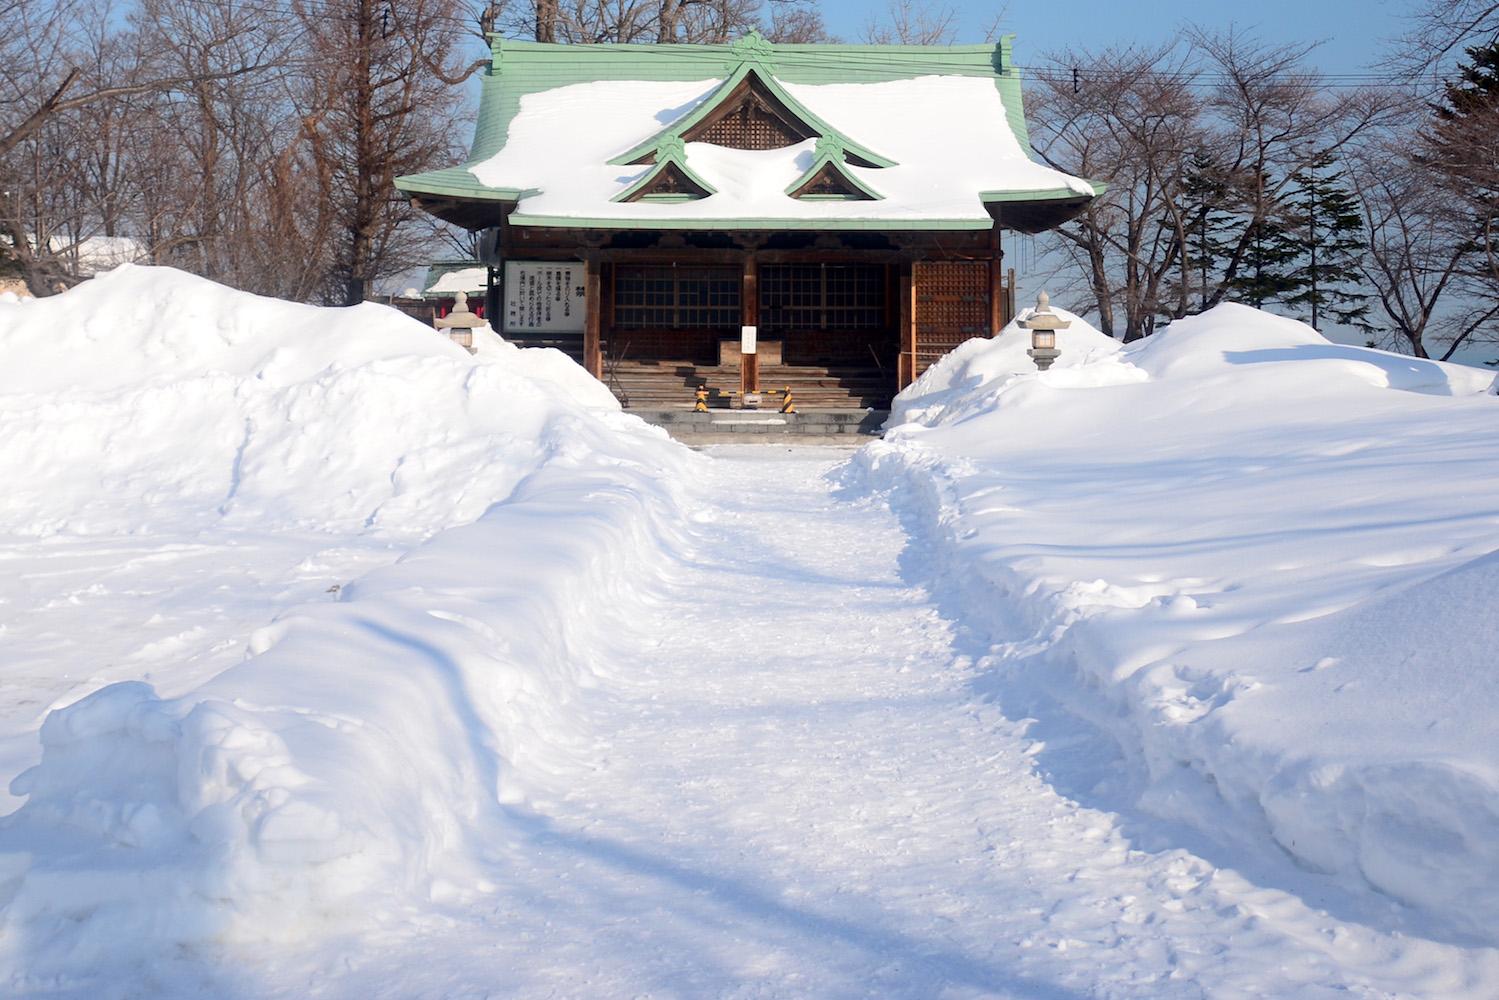 Winter snow in Otaru, Japan